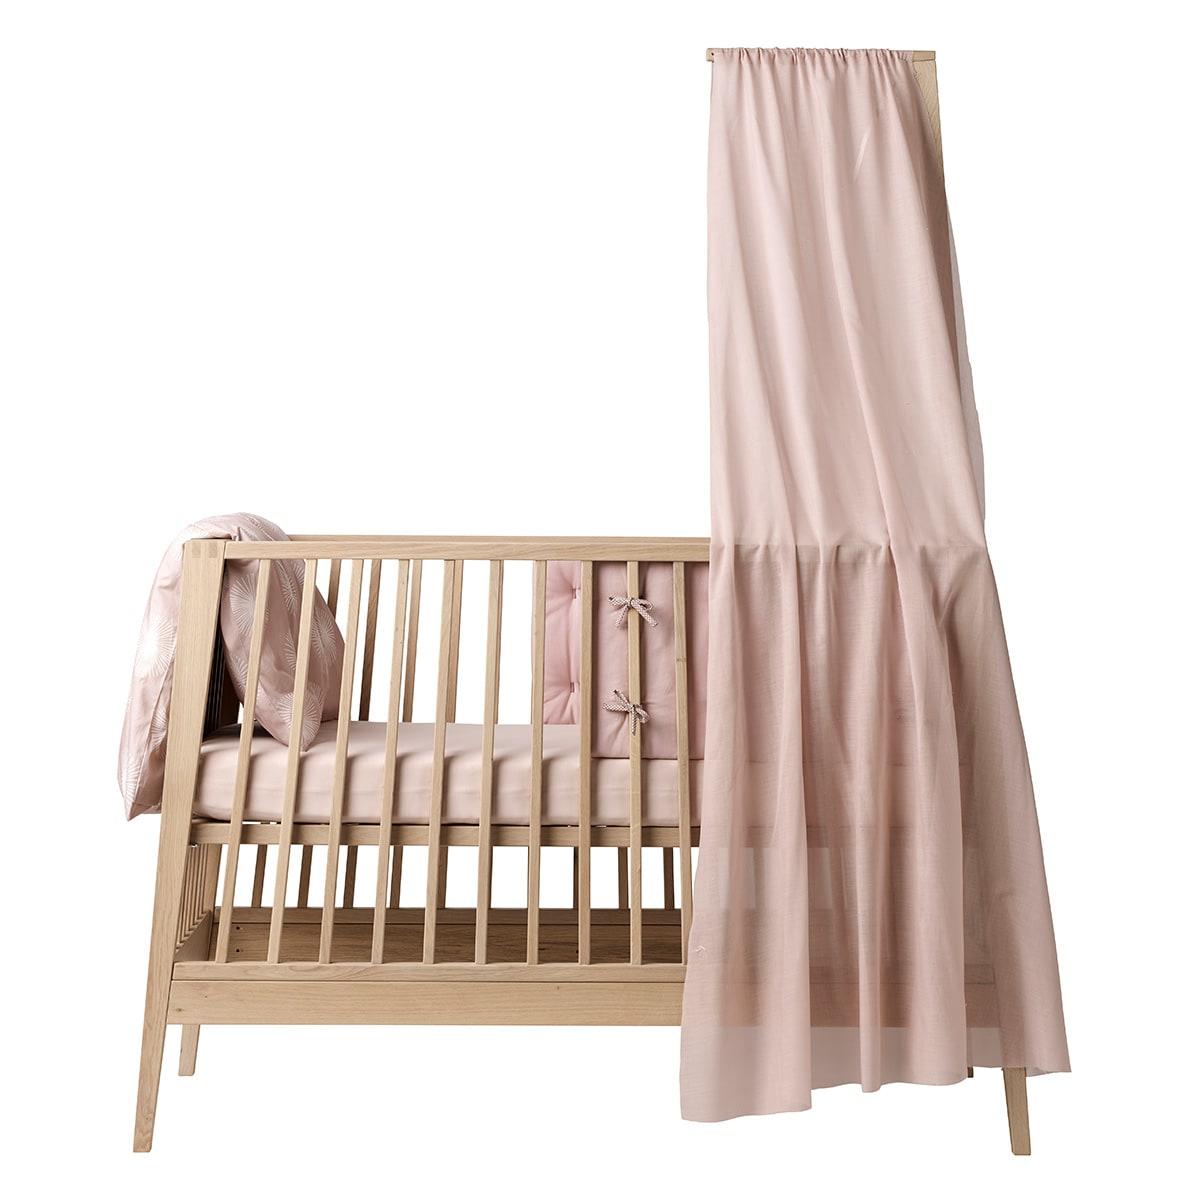 Stof til sengehimmel - Skab den skønneste hule om barnets seng